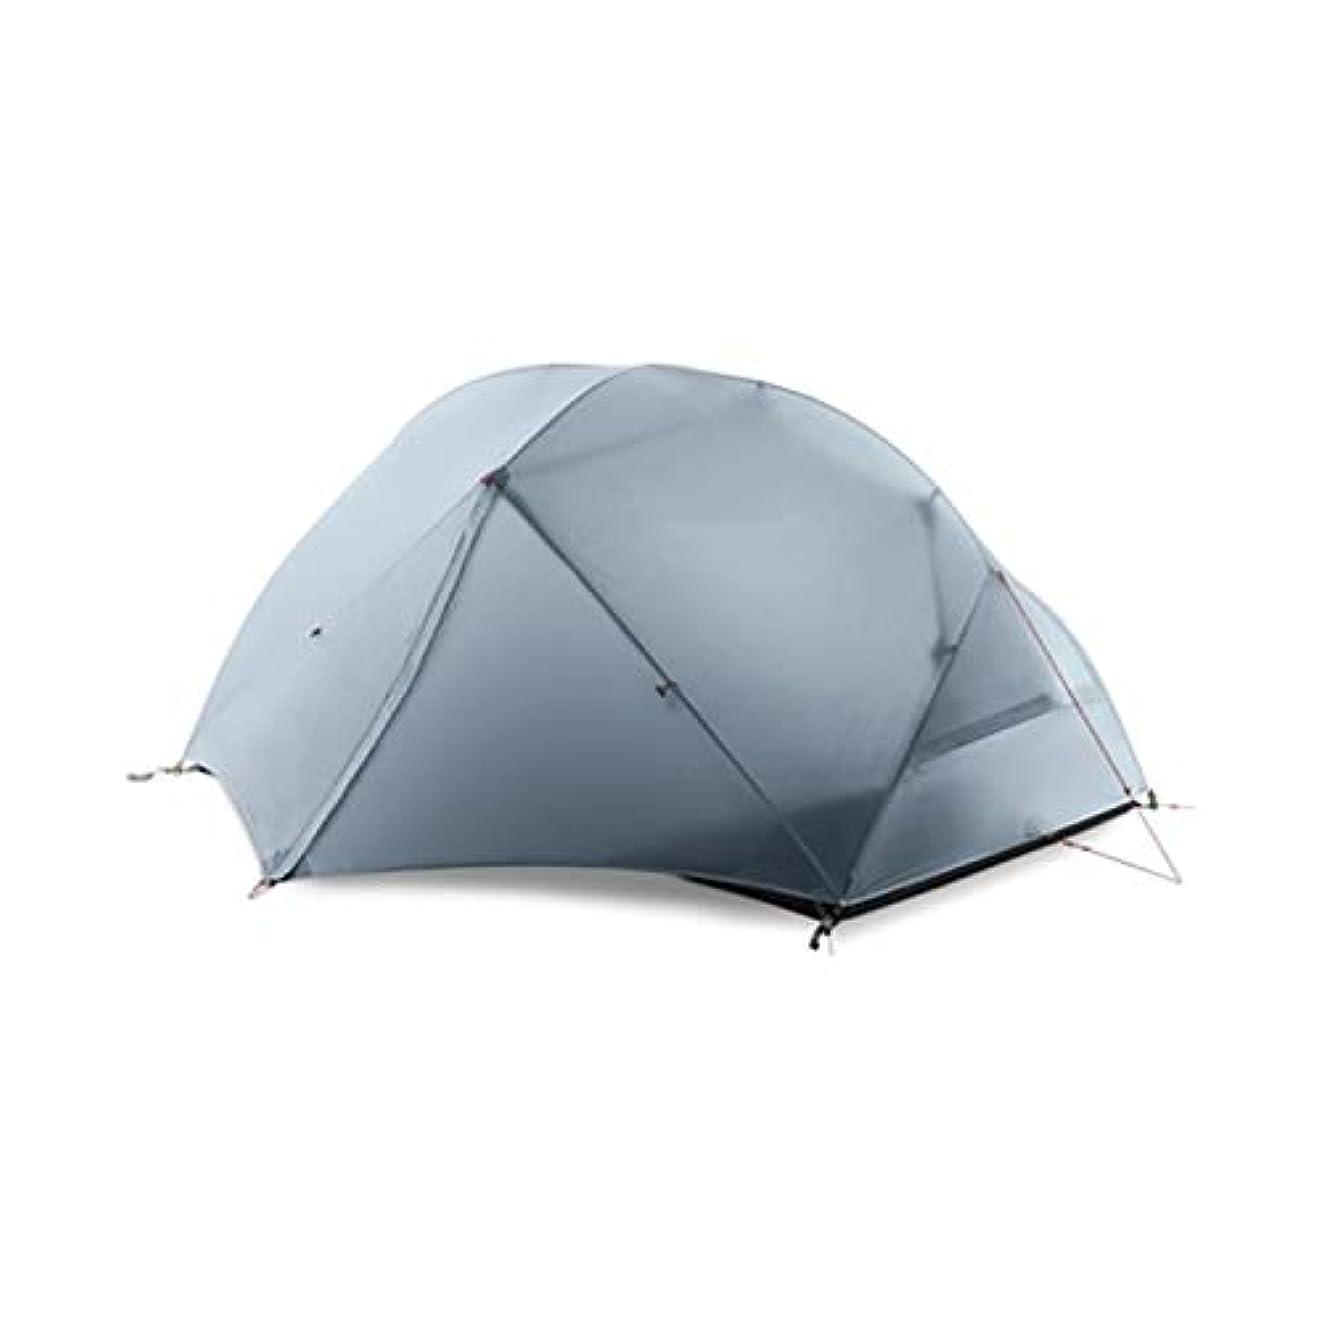 困惑した音地下室ビーチテント 2人用 キャンプテント 超軽量 キャンプテント テンダ テント バラカ デ アカンパメント